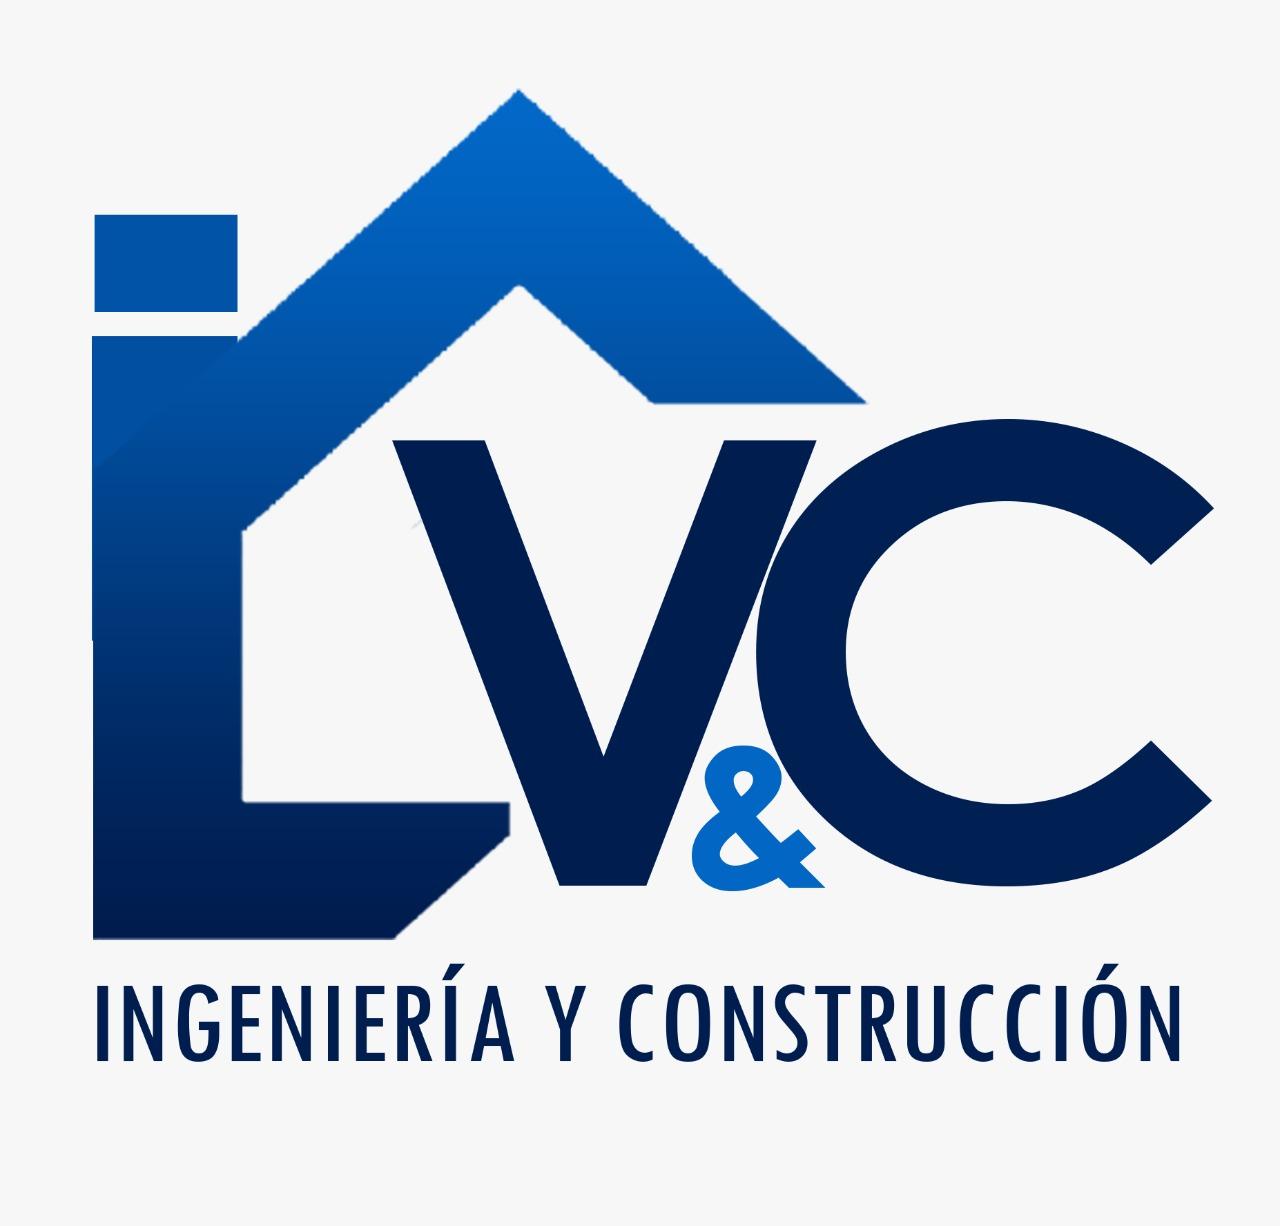 Constructora Icvc